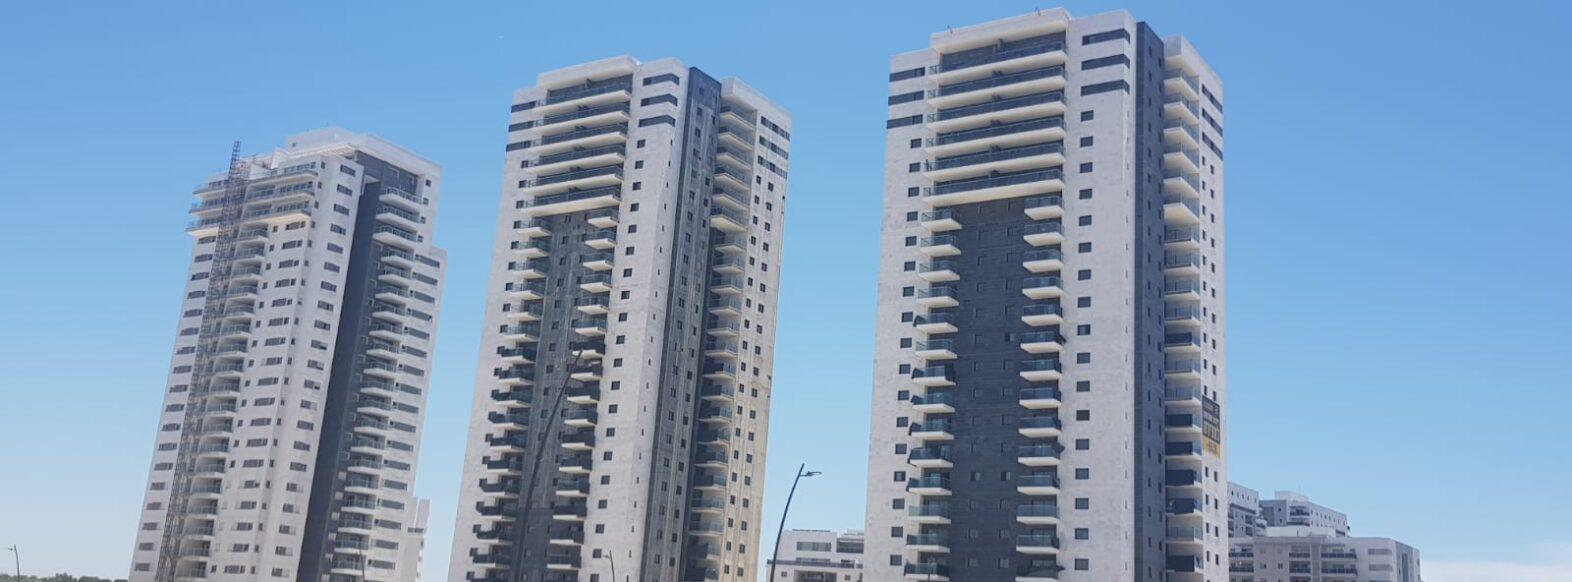 """עיריית קריית ביאליק משנה את ההנחיות המרחביות ומציבה גדרות """"מדברות"""" באתרי בנייה בעיר"""